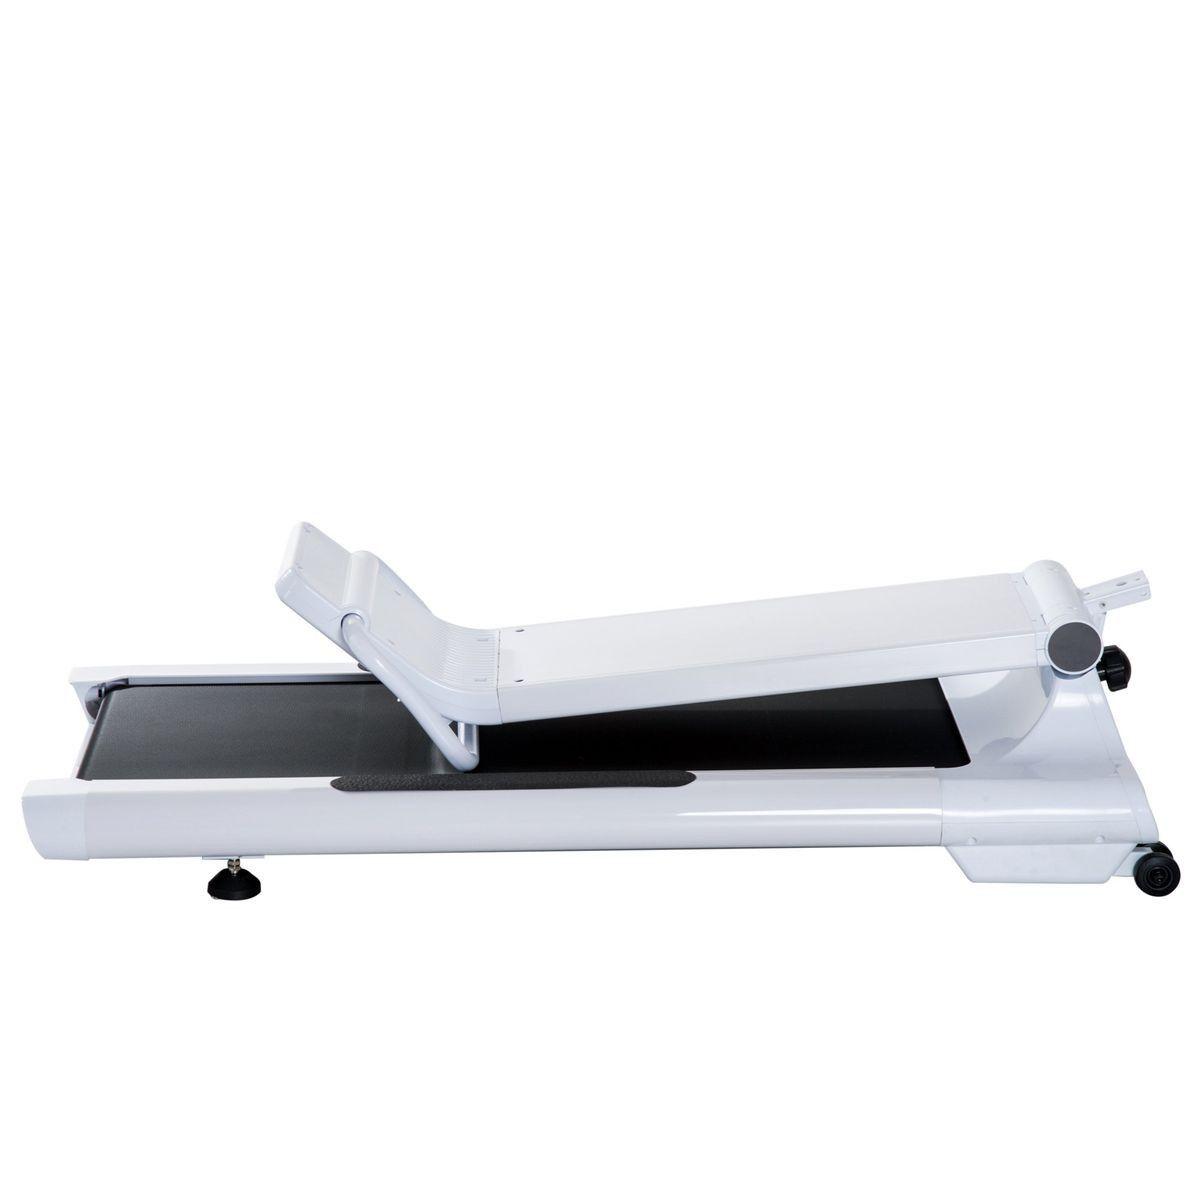 Tapis Roulant Electrique De Course Pliable Blanc Taille Tu